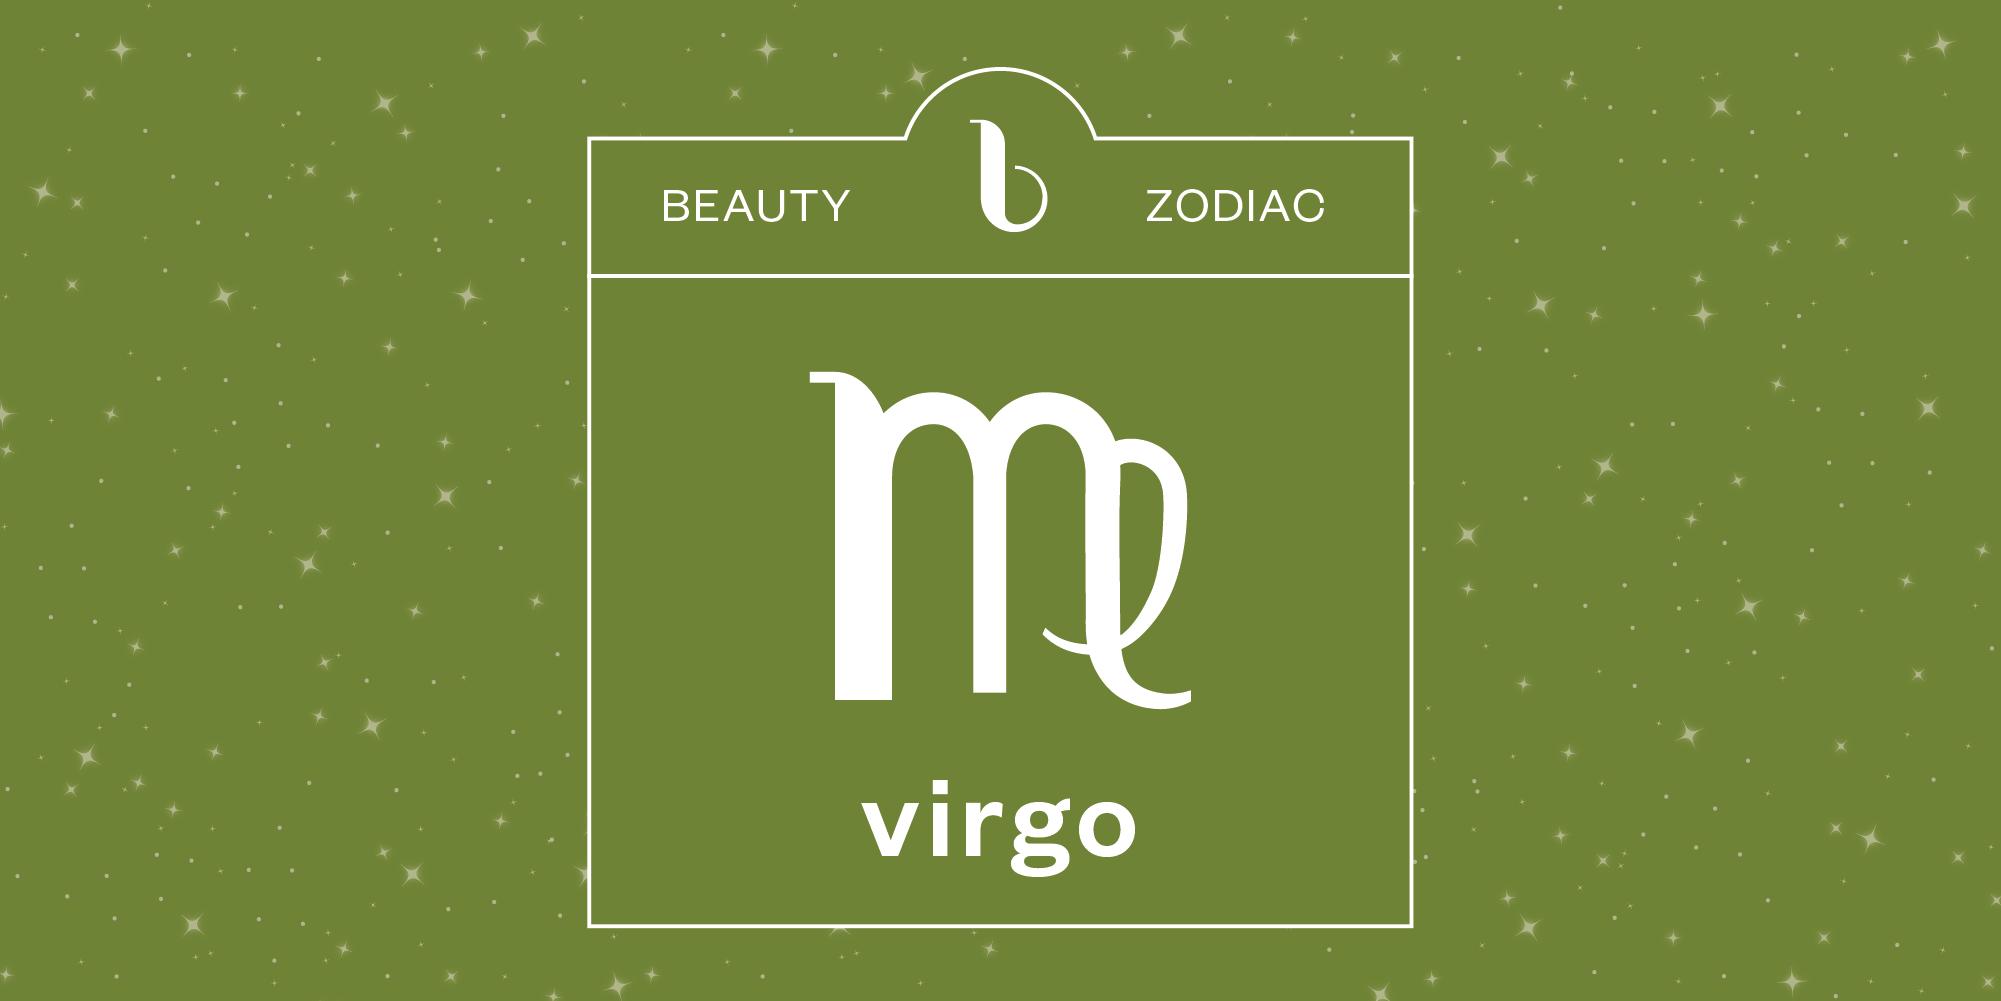 A Cosmic Guide To September 2021: Horoscopes For Beauty Entrepreneurs